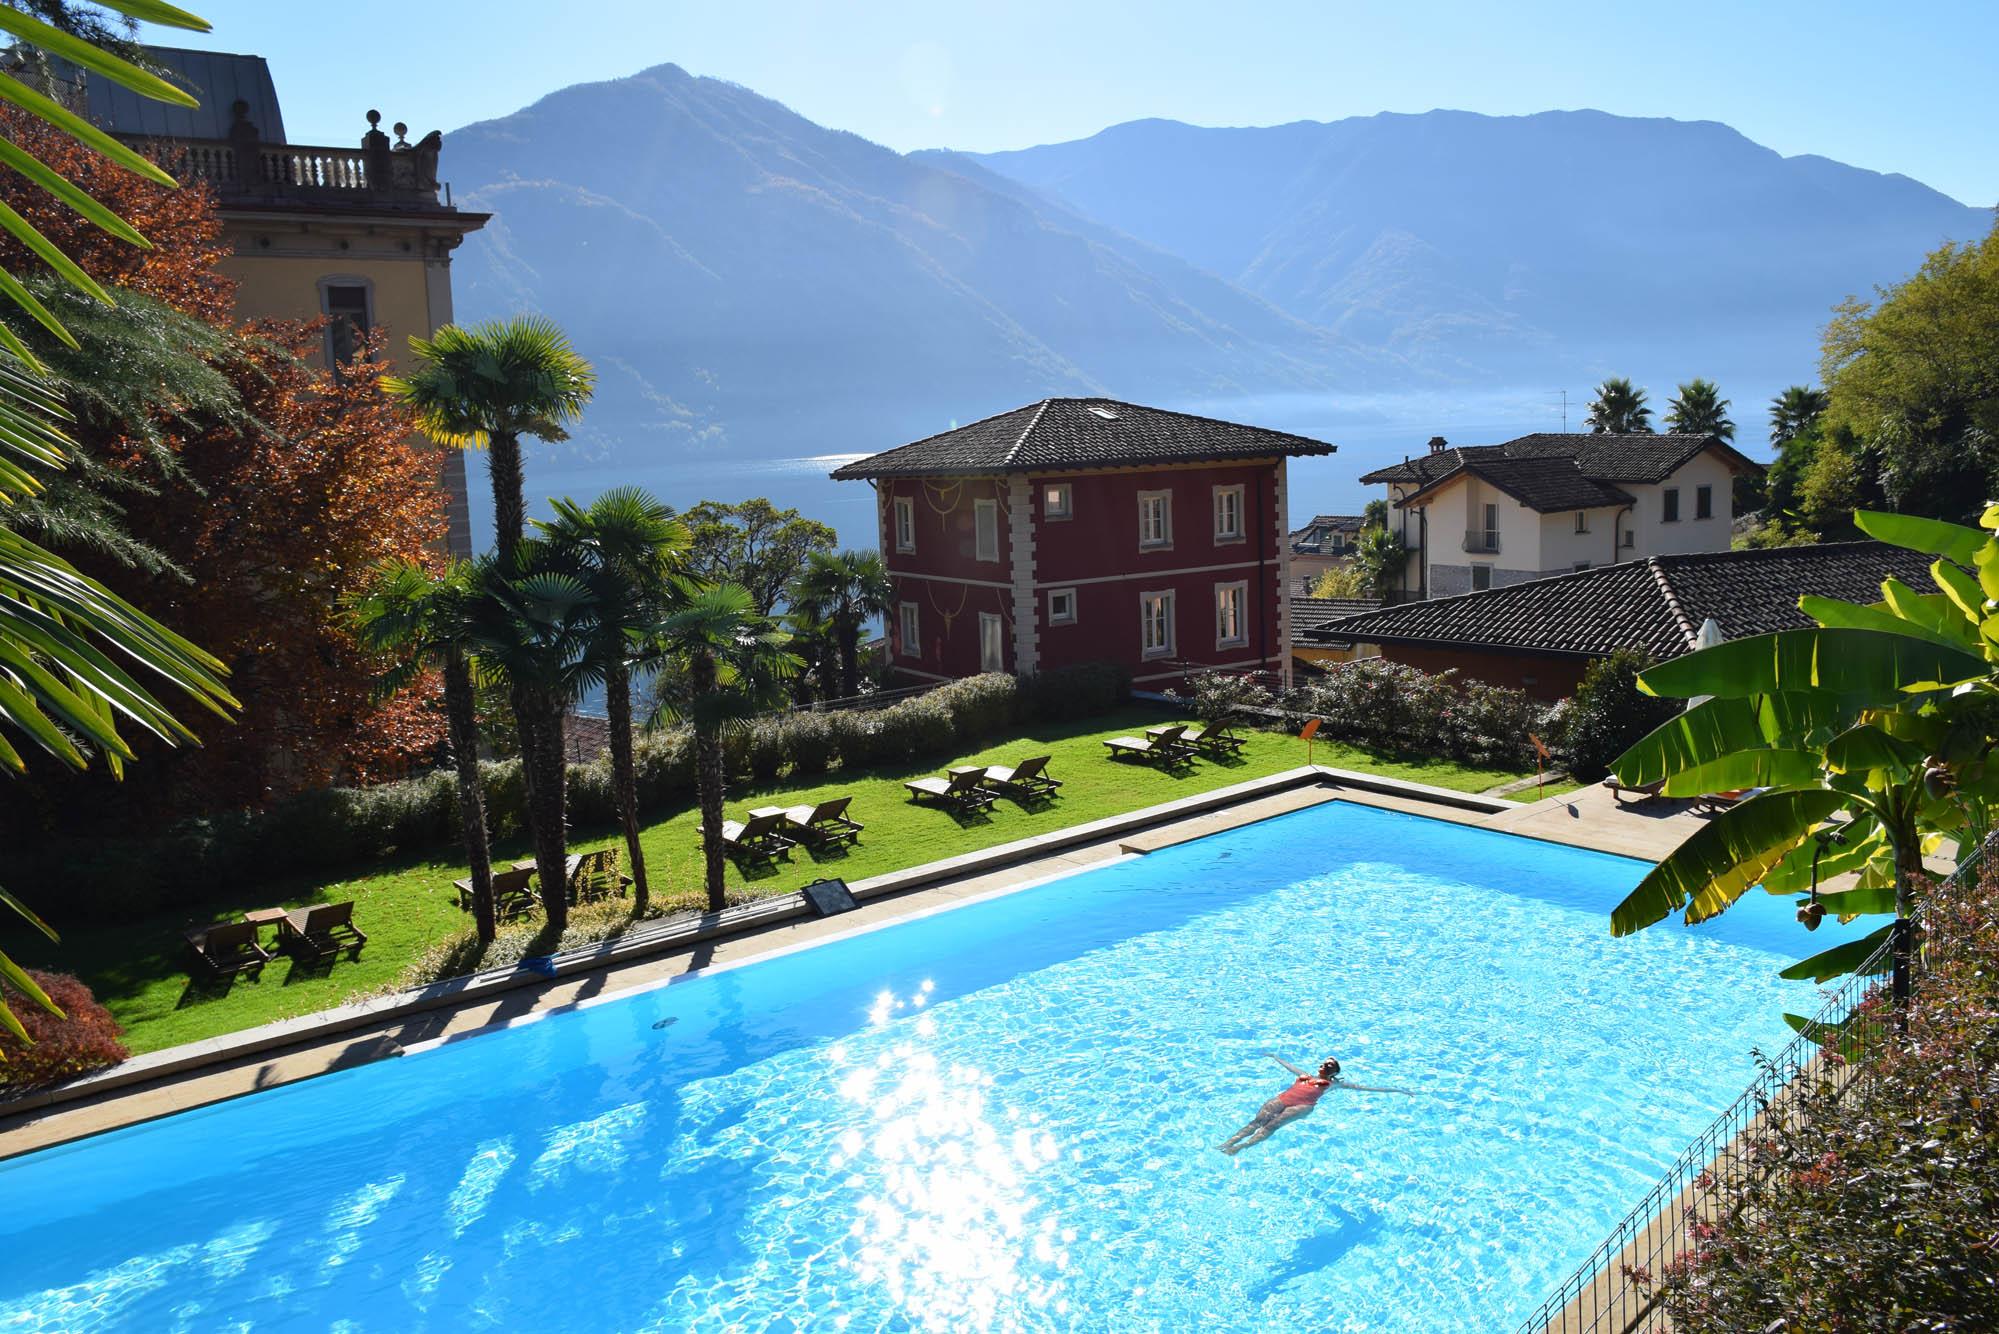 Tudo sobre Lago di Como  Norte da Itlia  Dicas de viagem